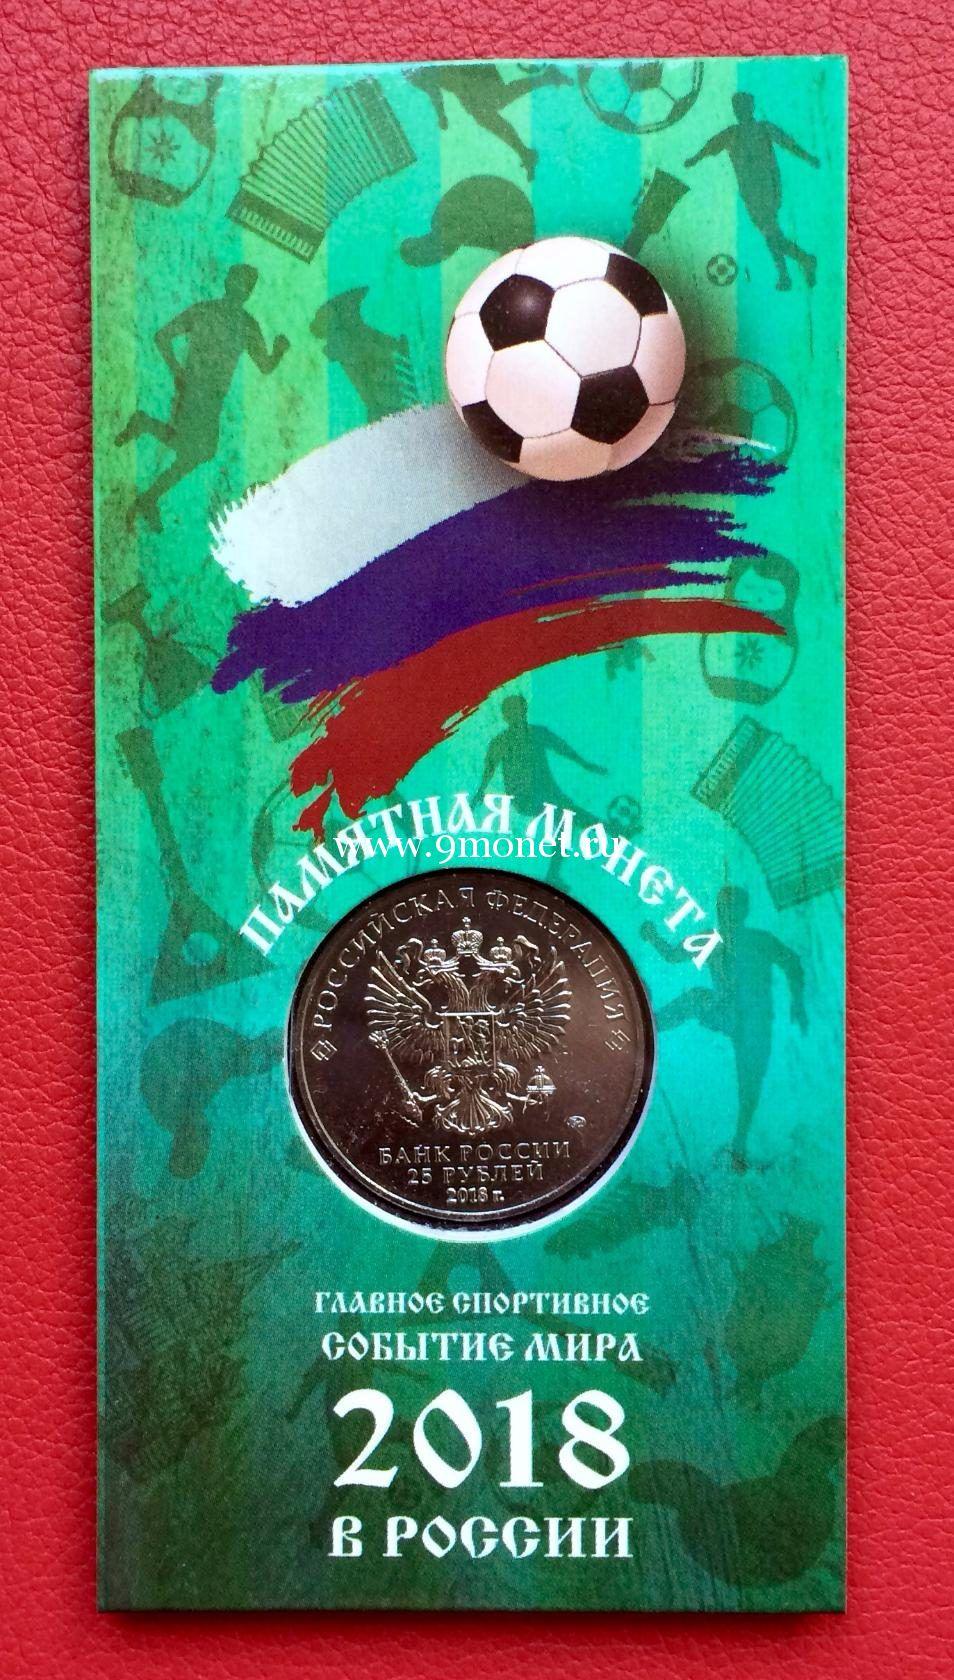 России вакансии футболу чемпионат мира в по